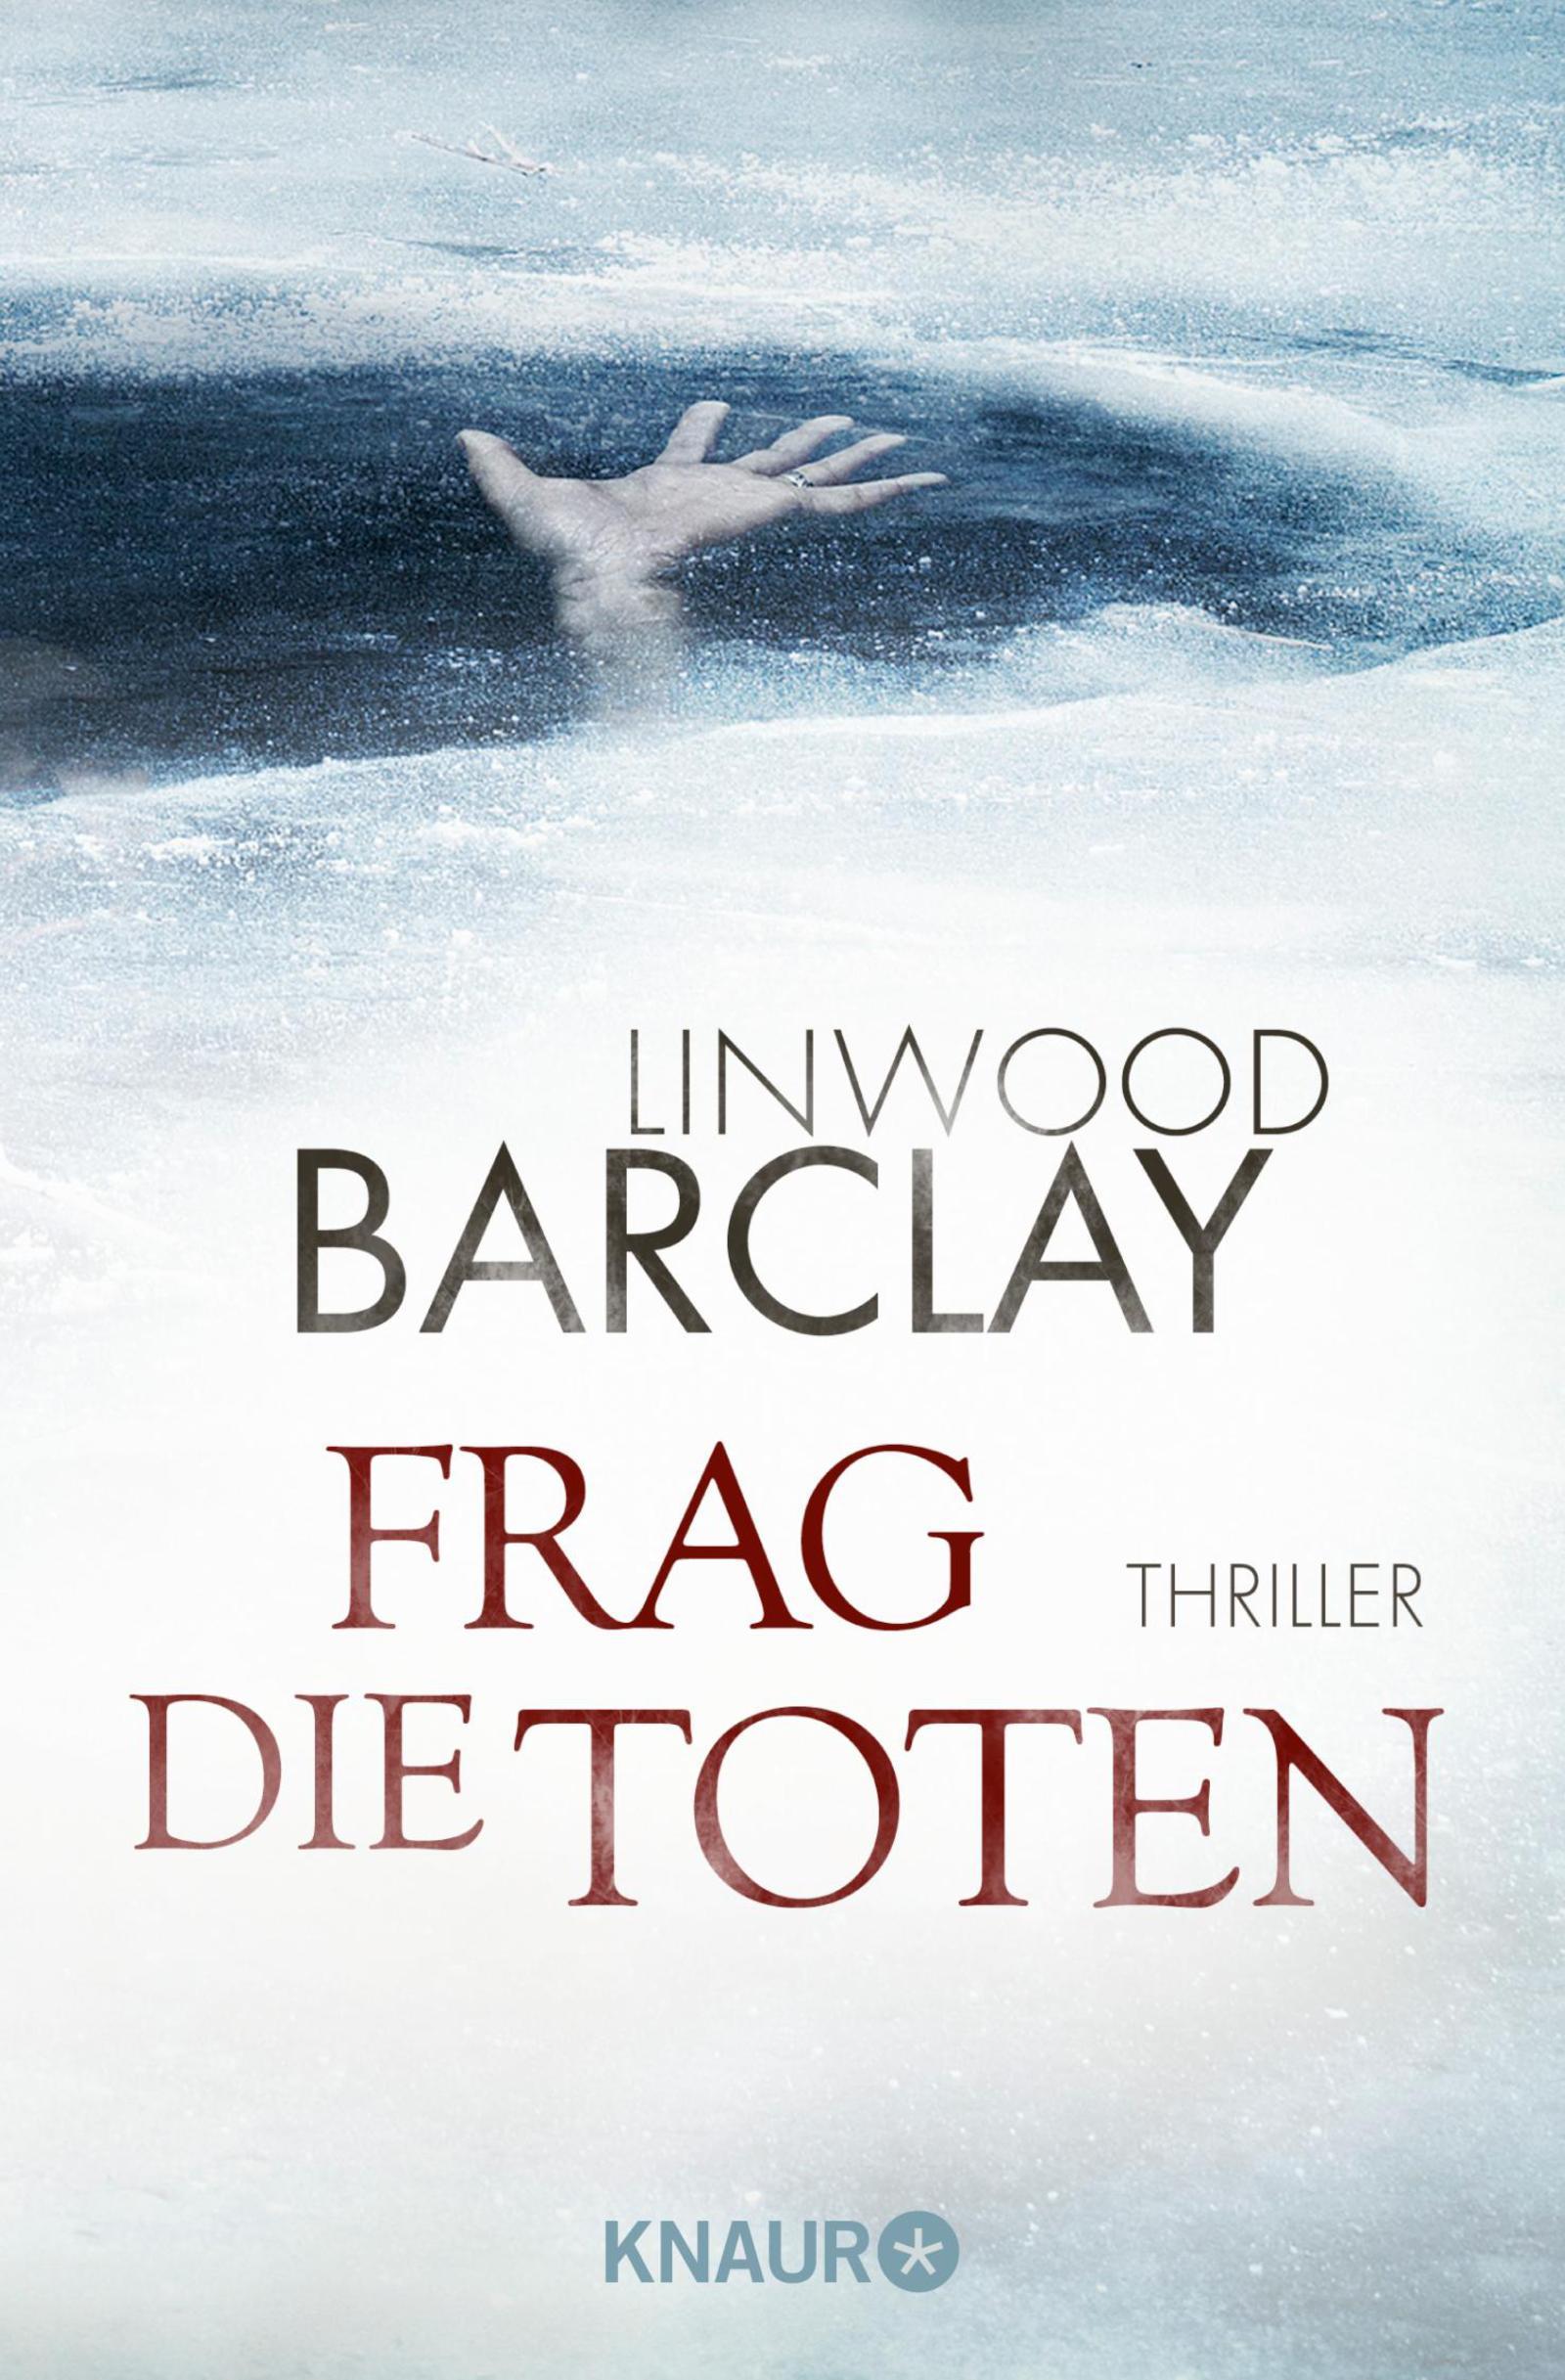 frag_die_toten_linwood_barclay